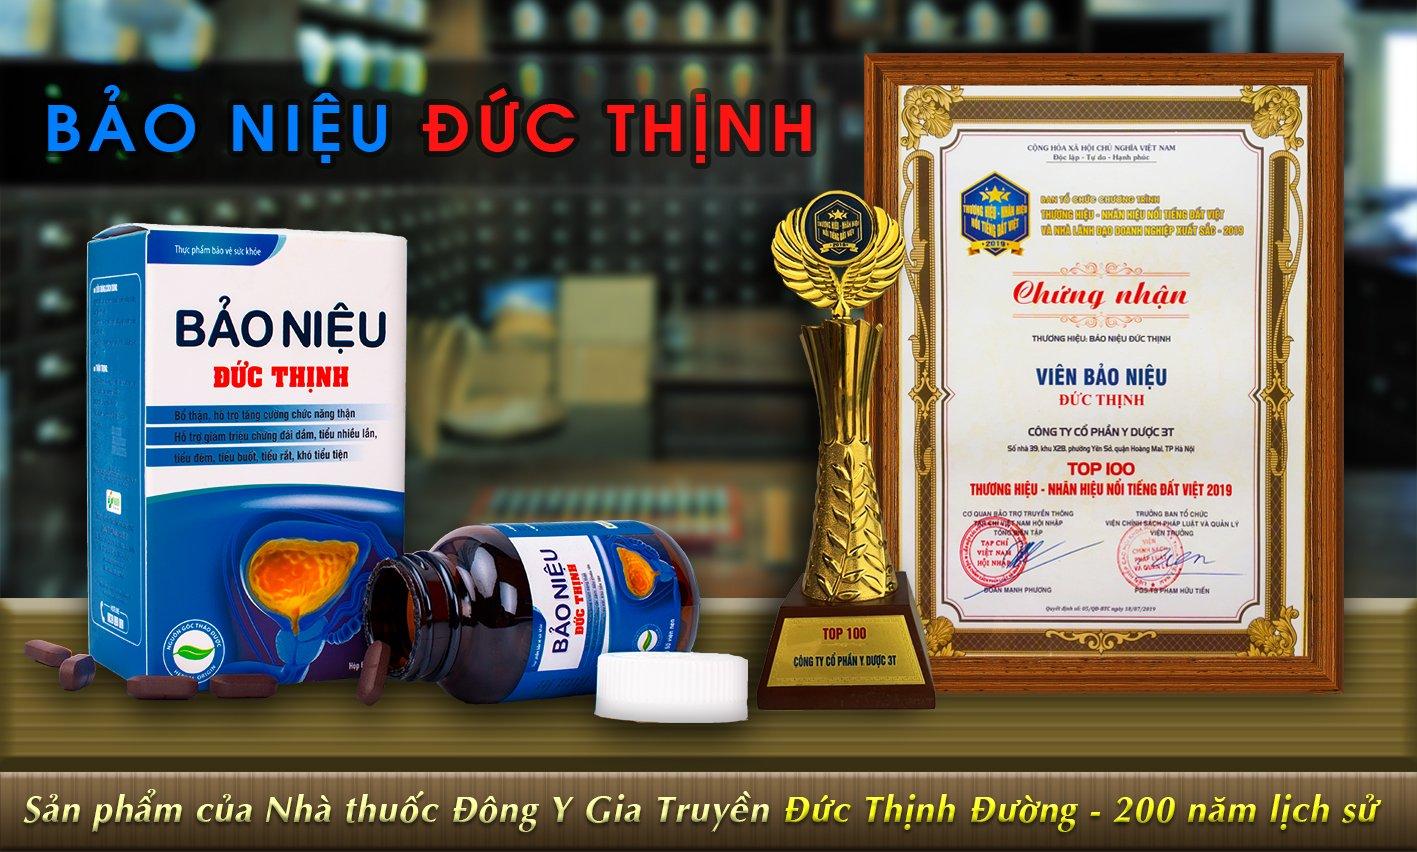 bao nieu duc thinh top 100 - Trang chủ